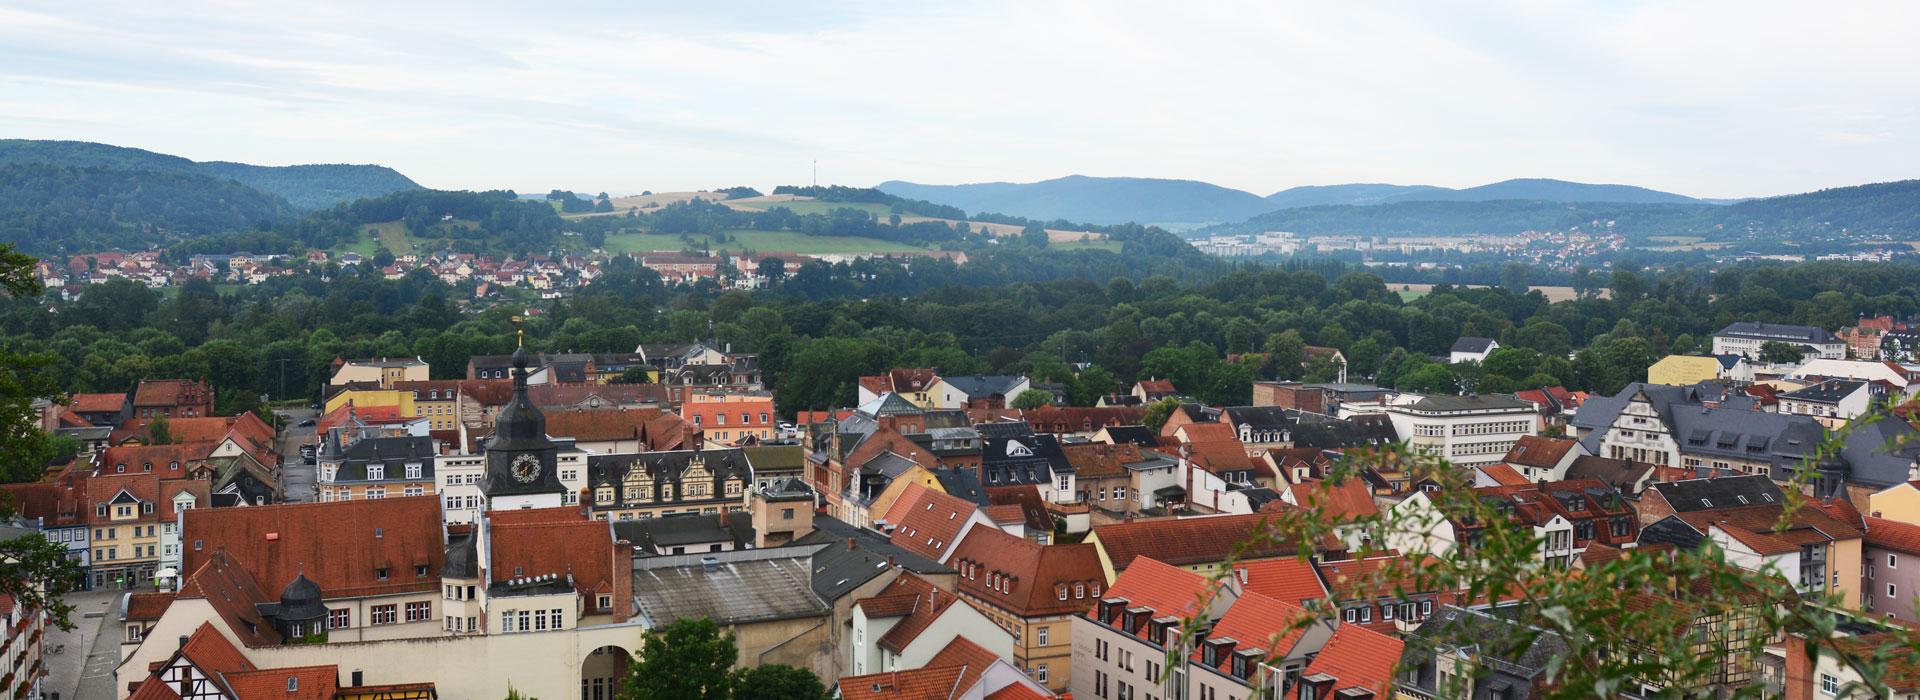 Wetter In Rudolstadt